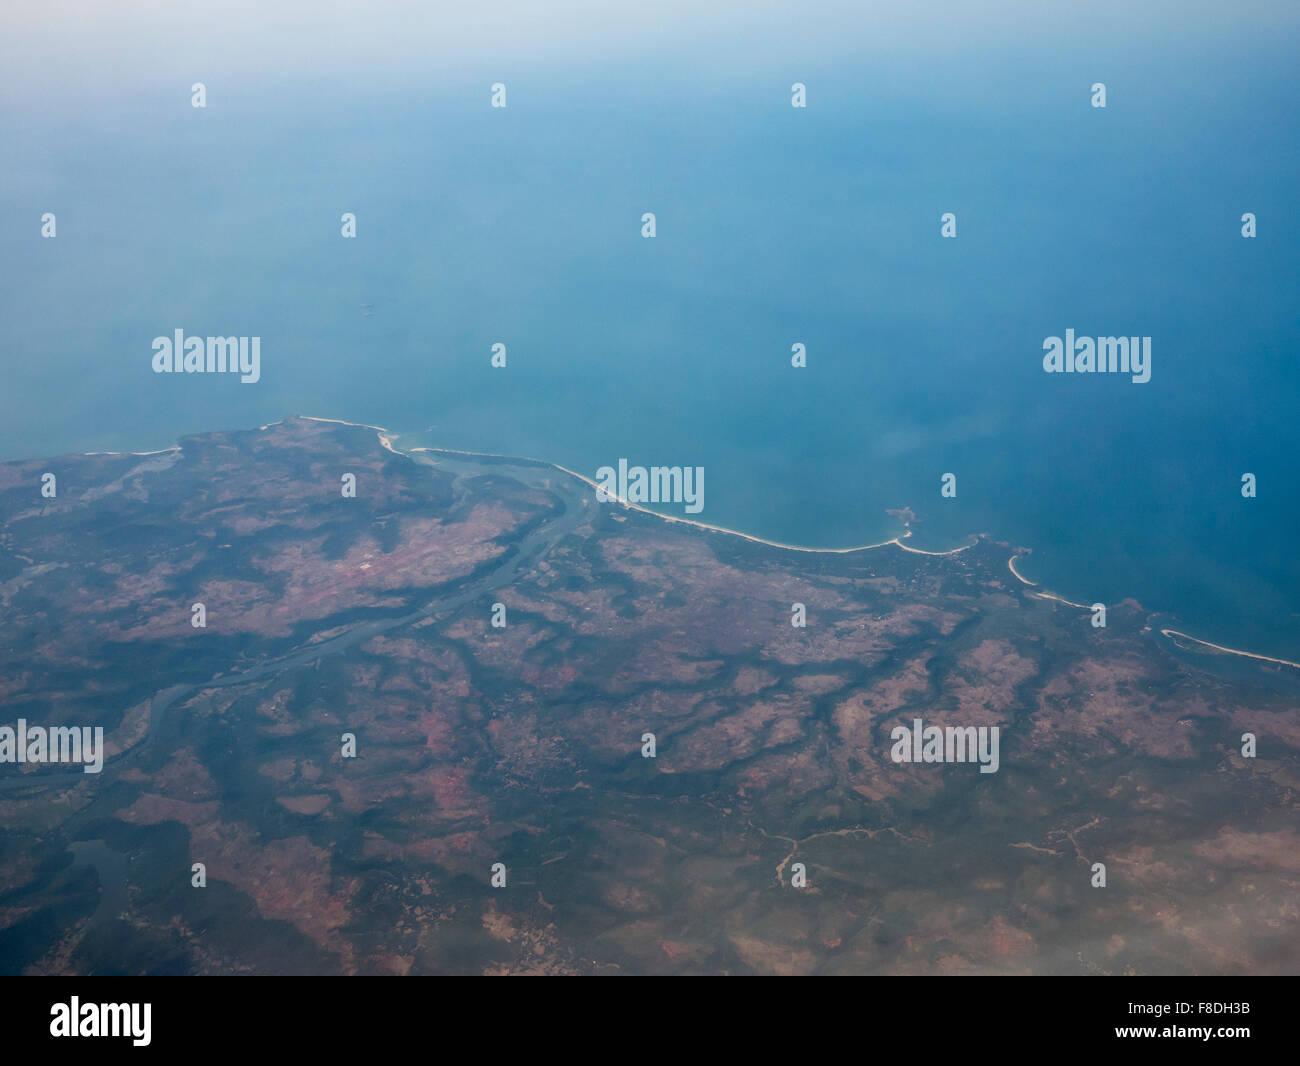 538d54b67623 Luftaufnahme der indischen Westküste von einem Flugzeug während des Fluges  zwischen Bangalore und Dubai. Stockbild